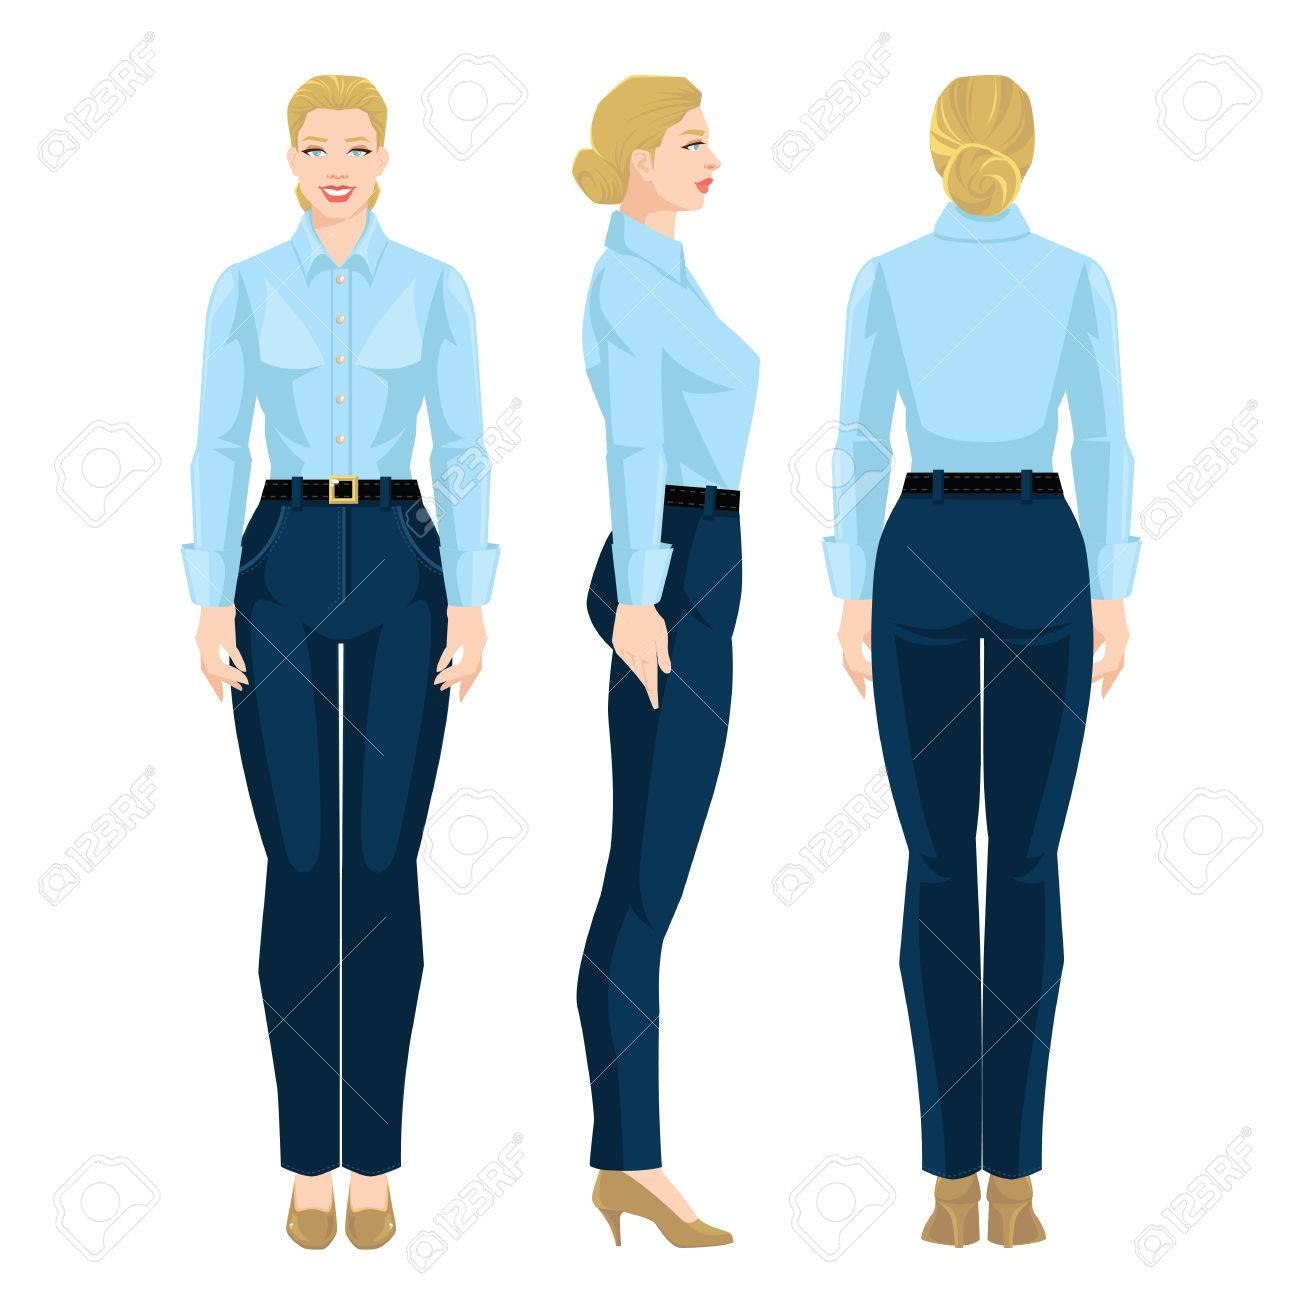 3c4f91a38 Ilustración de vector de código de vestimenta corporativo. Mujer de  negocios o secretaria en ropa formal. Vista frontal, lateral y vista  posterior. ...